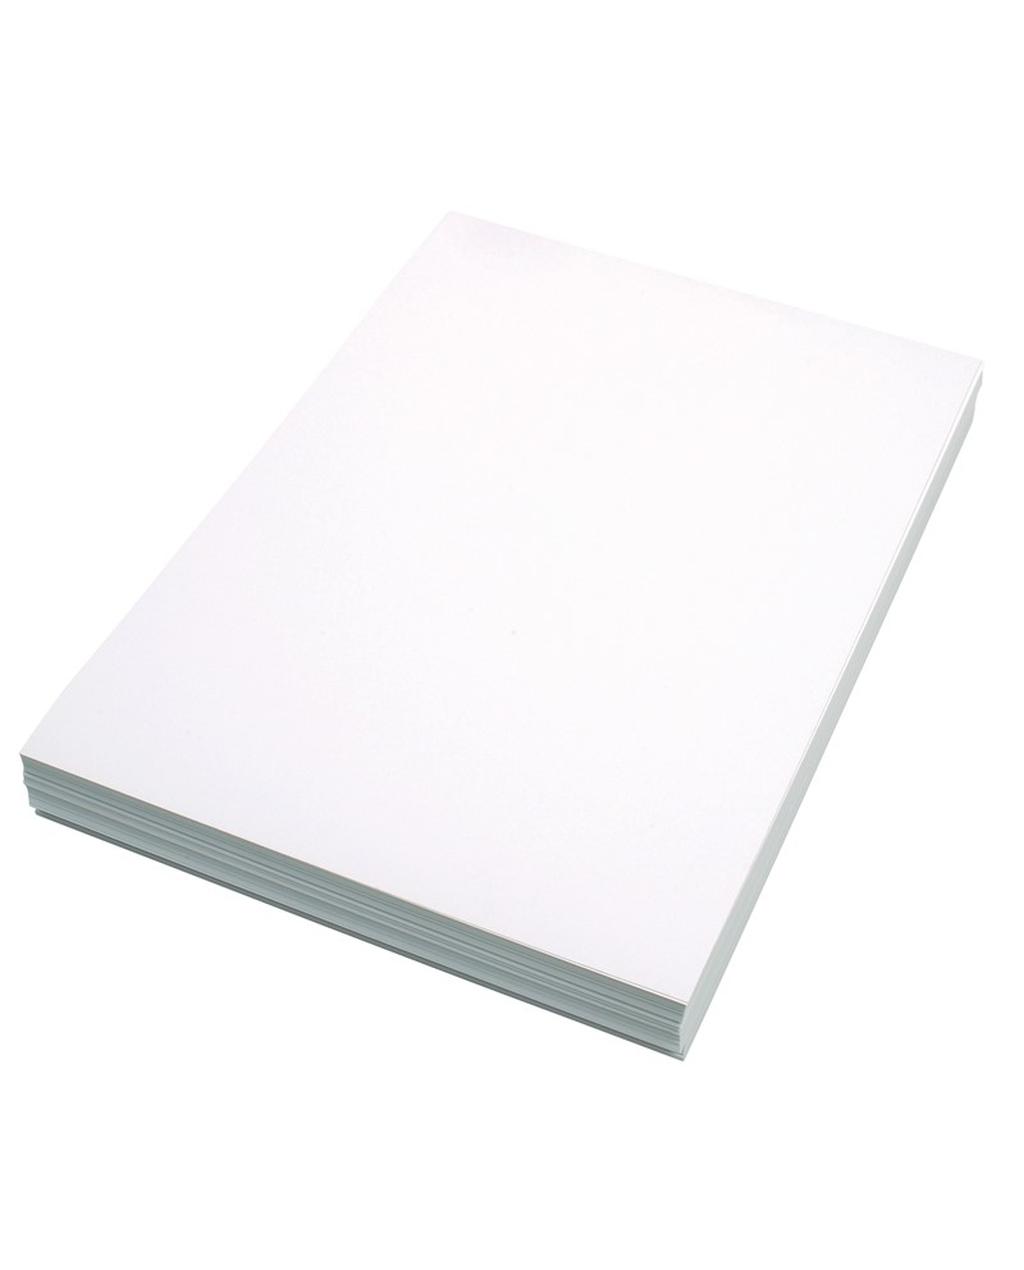 A3 White Card 230 Micron